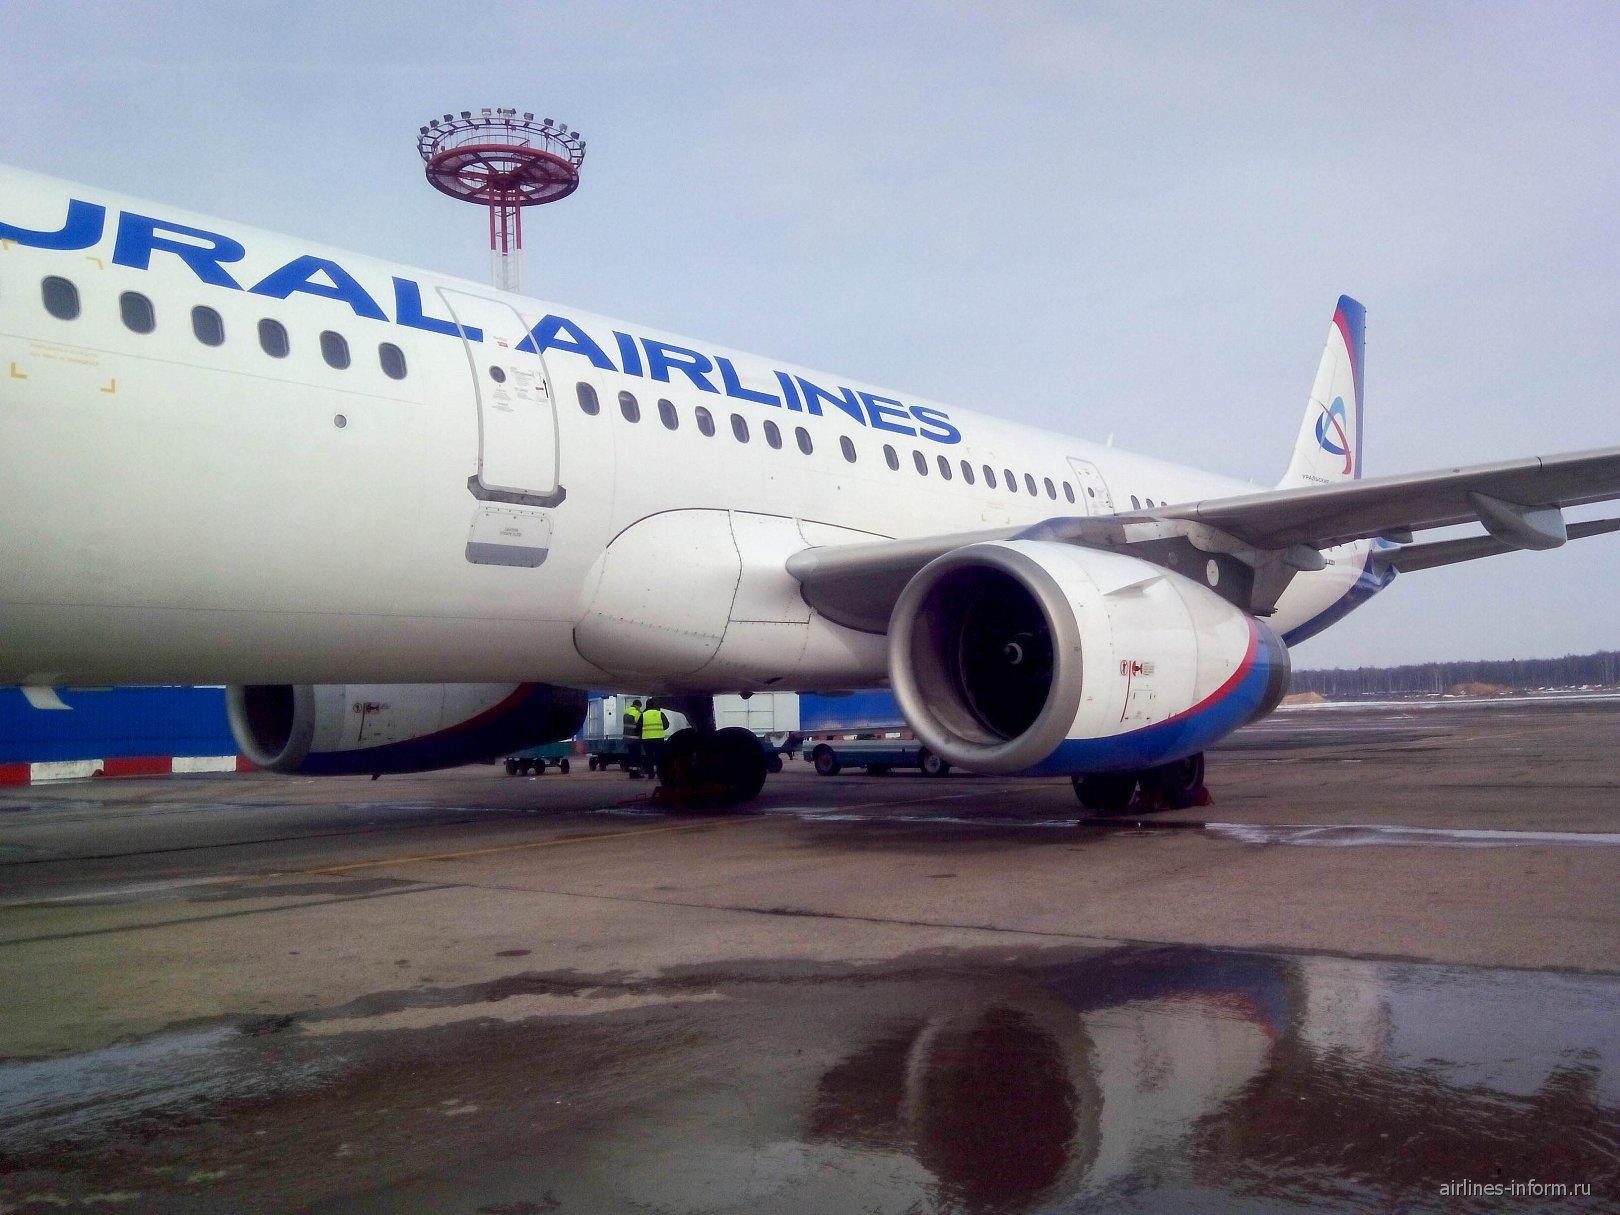 Москва-Сочи, Уральские Авиалинии, Airbus A321, VQ-BOC